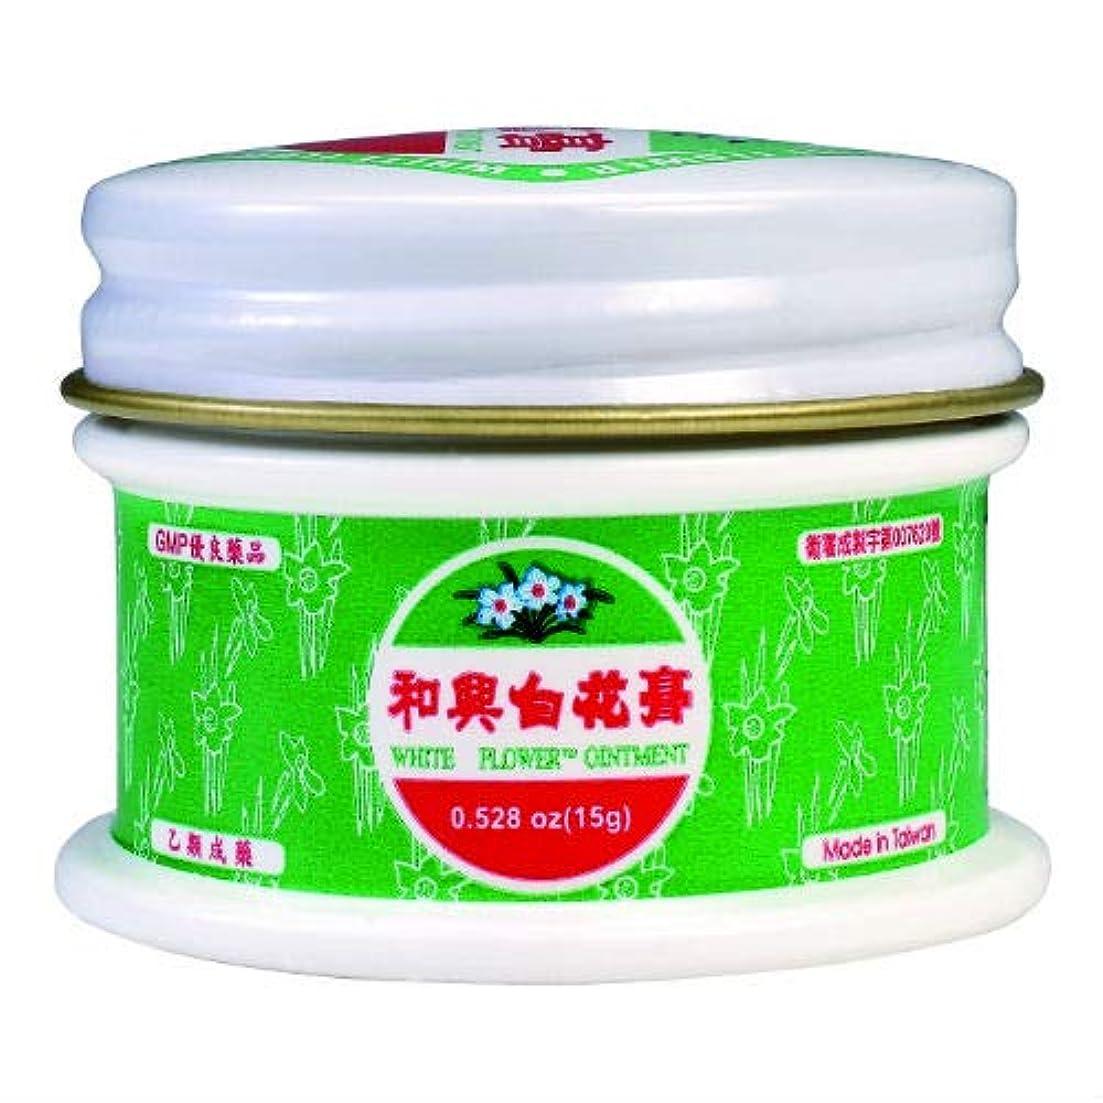 フォルダ同封する盲信台湾 純正版 白花膏 15g( 白花油軟膏タイプ )